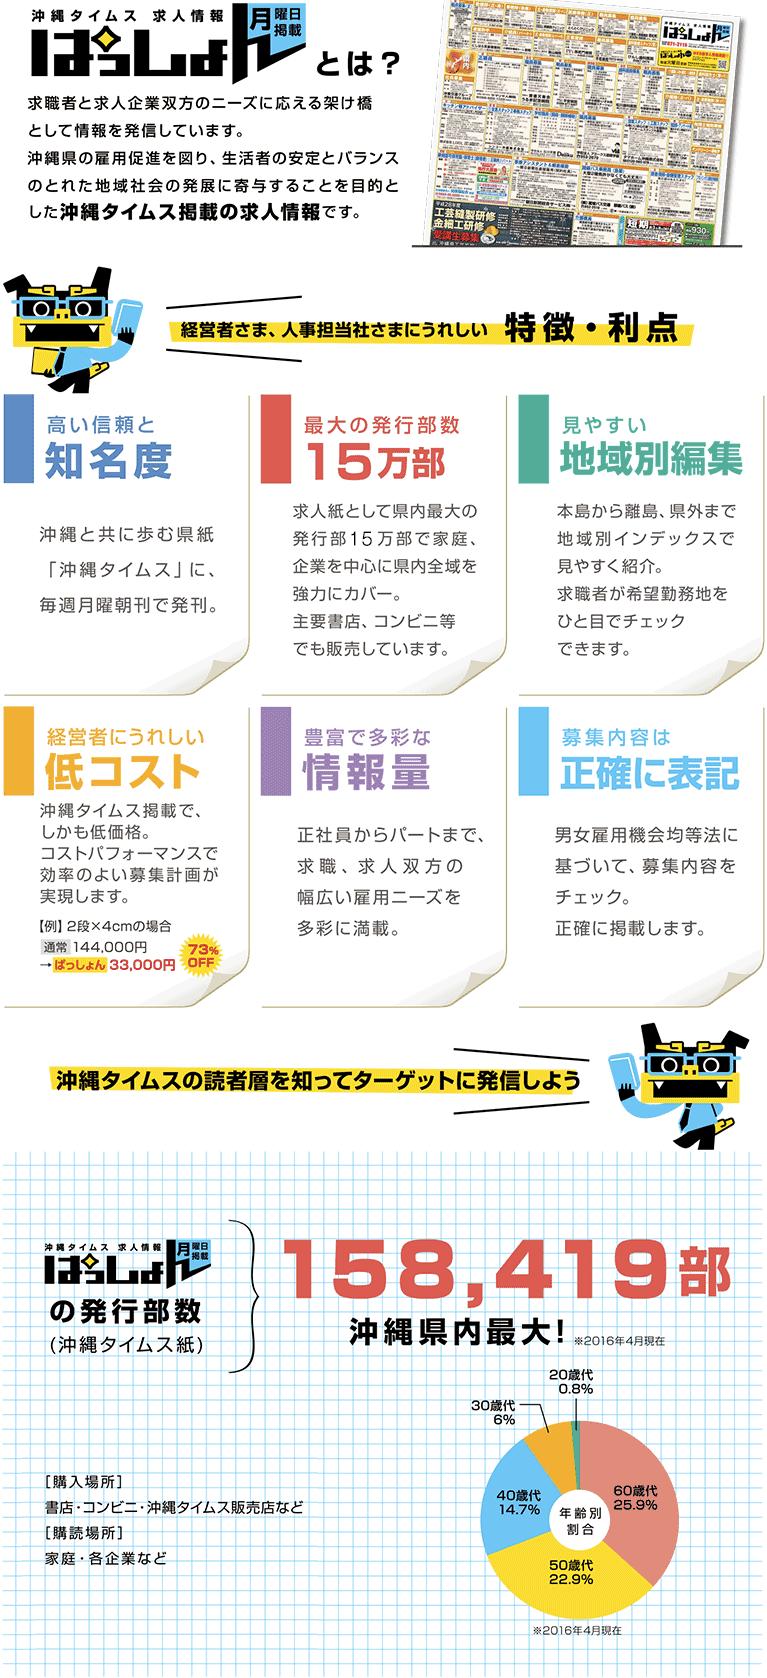 沖縄タイムス 求人情報ぱっしょんとは?